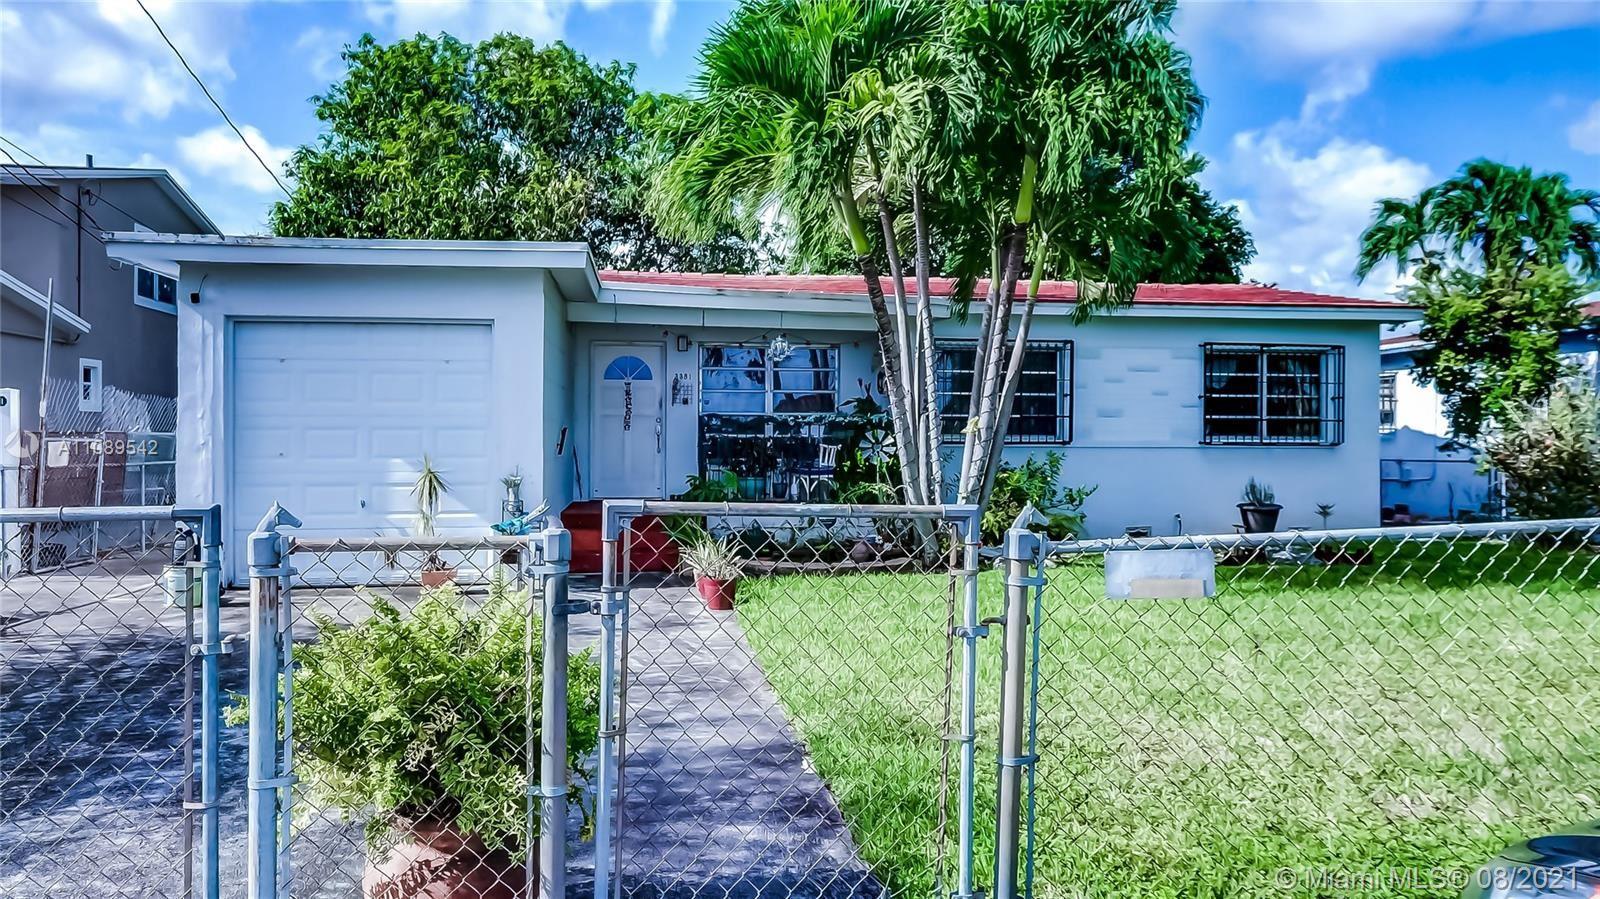 3381 NW 20th St, Miami, FL 33142 - #: A11089542